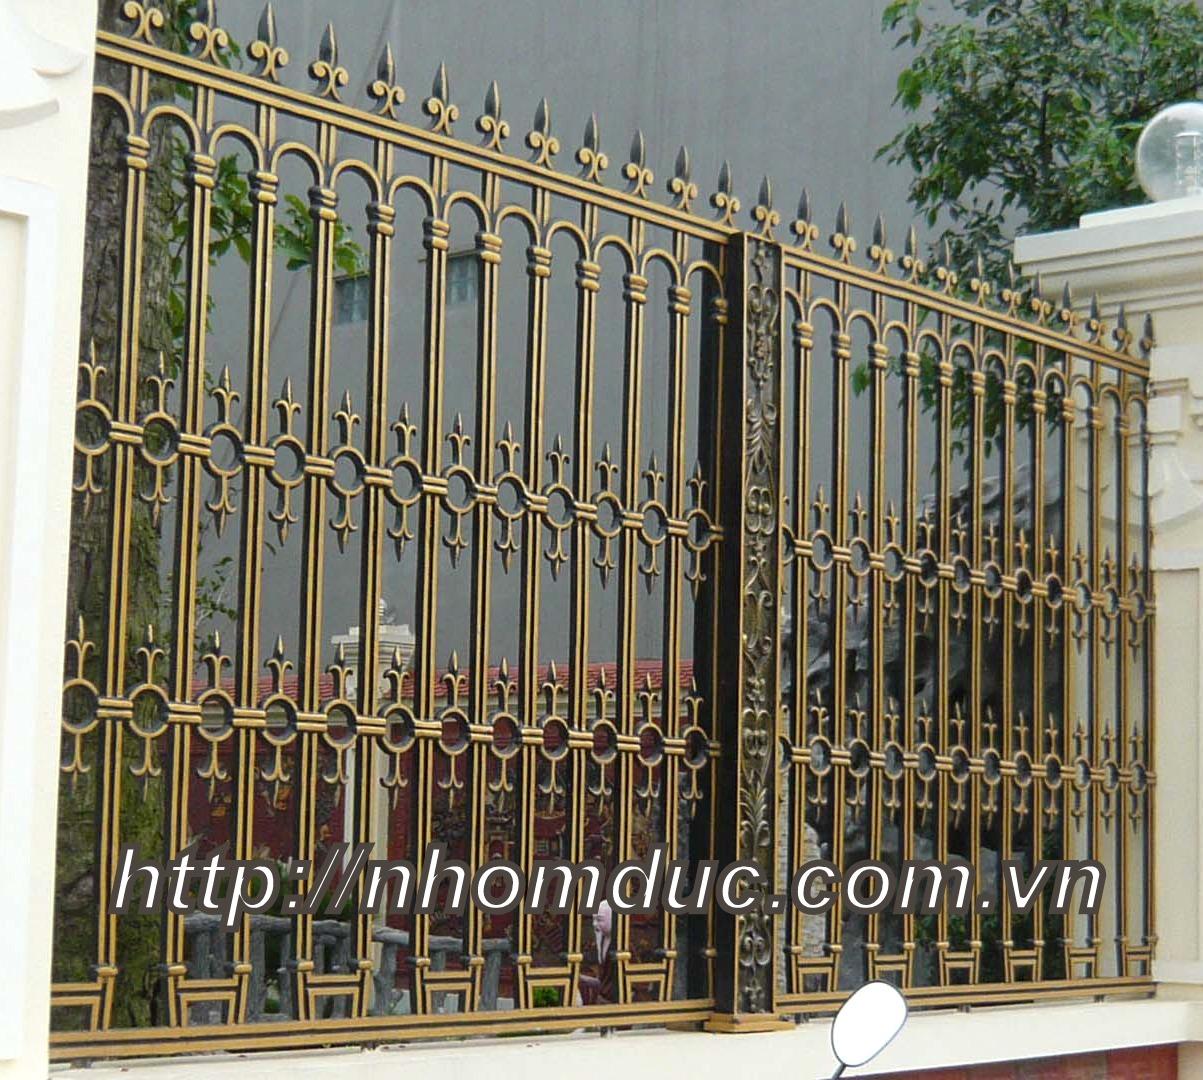 Cty Fuco chuyên tư vấn, sản xuất, thi công hàng rào nhôm đúc, Hàng rào nhôm đúc phù hợp với ngôi nhà có kiến trúc đẹp. Báo giá hàng rào nhôm đúc hợp kim